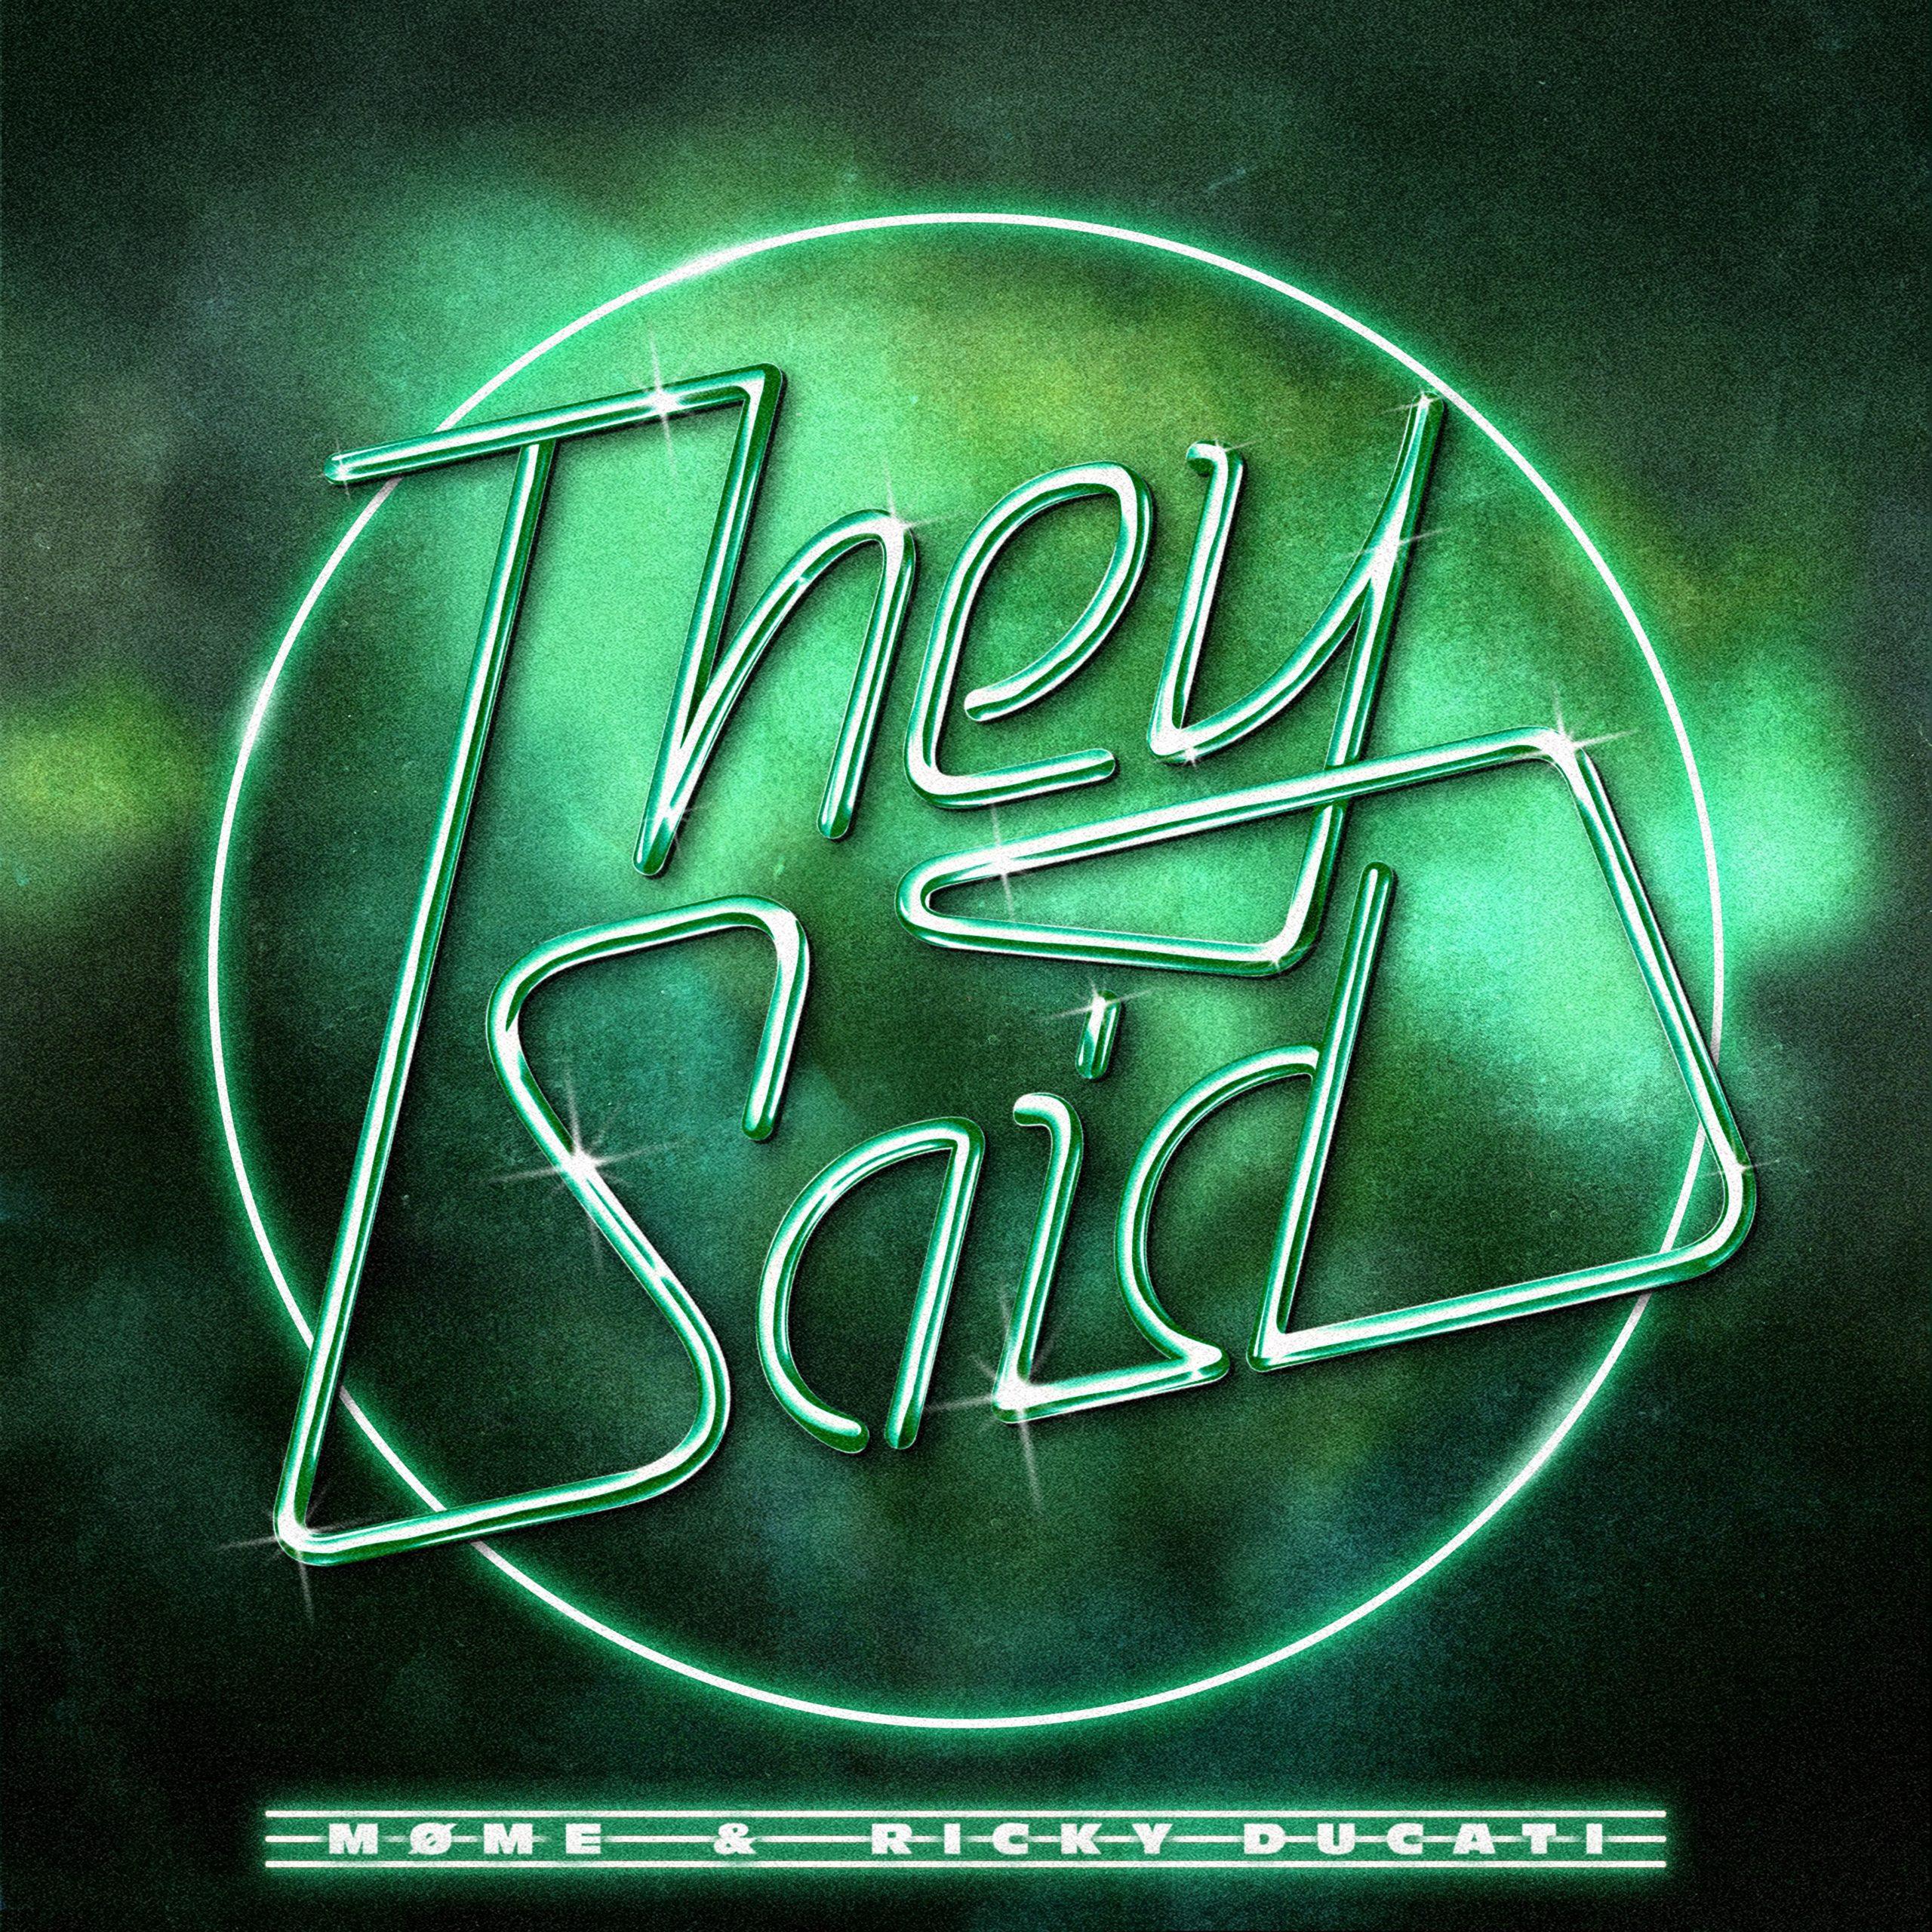 """cover de """"They Said"""" de Møme et Ricky Ducati"""